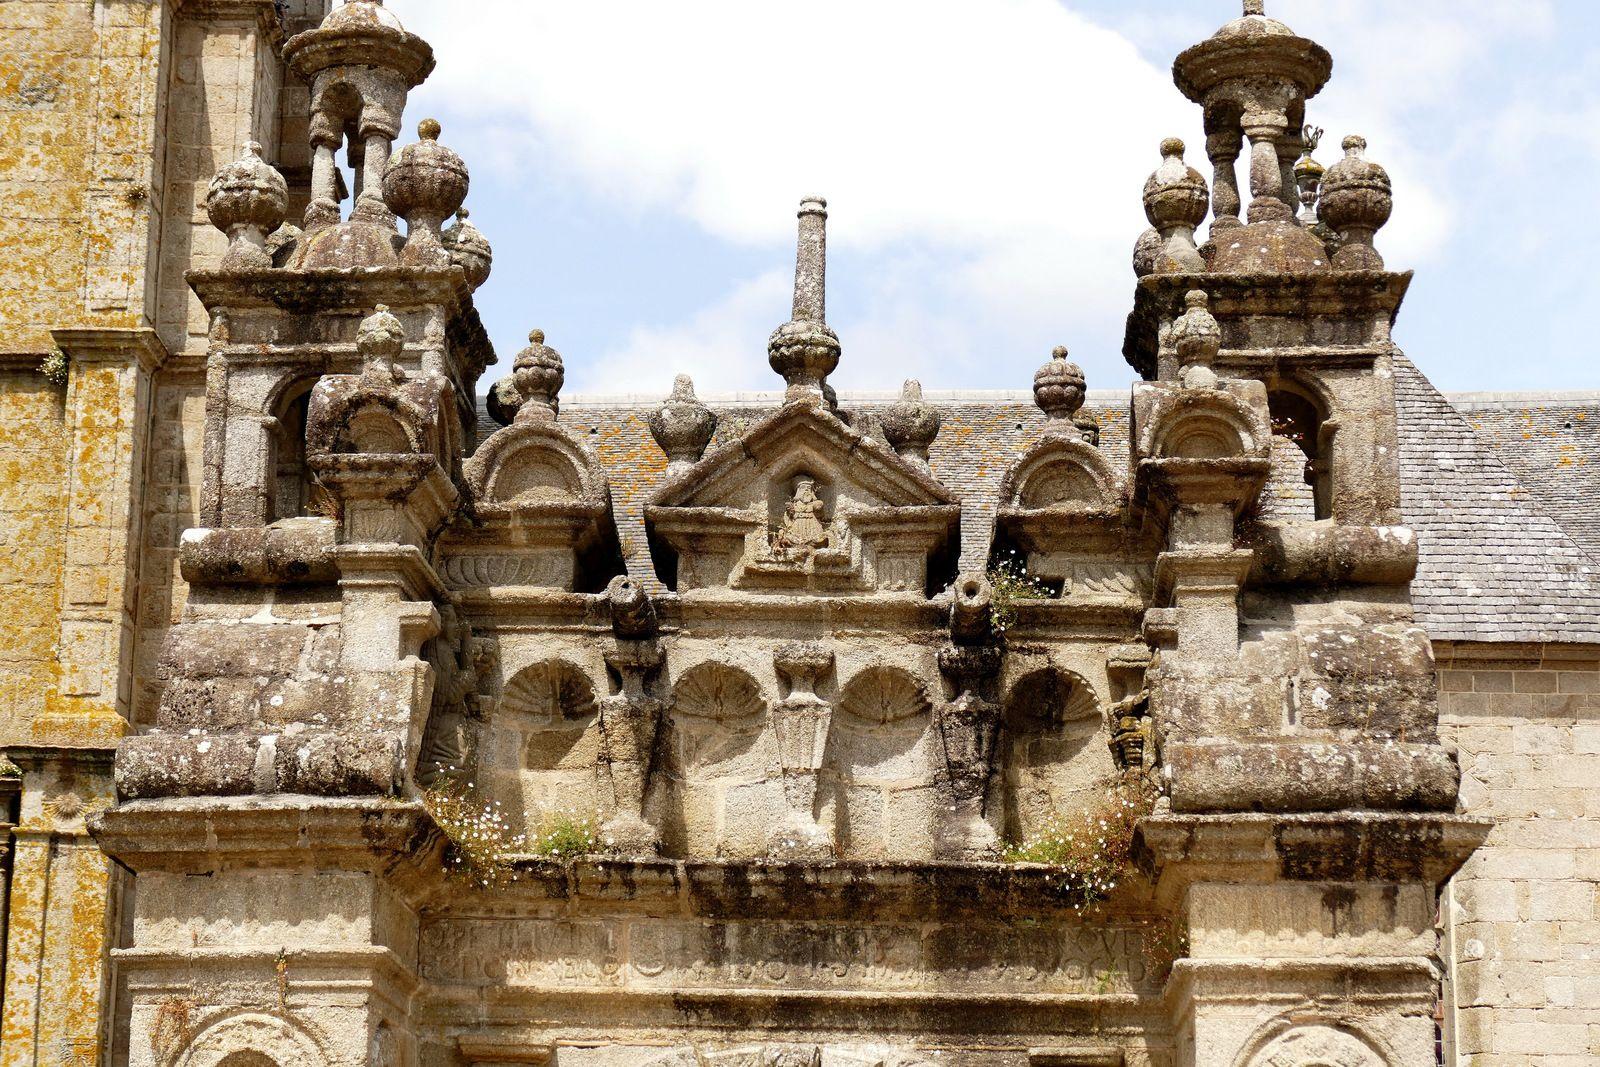 Porte monumentale de l'enclos paroissial de Saint-Thégonnec. Photographie lavieb-aile.